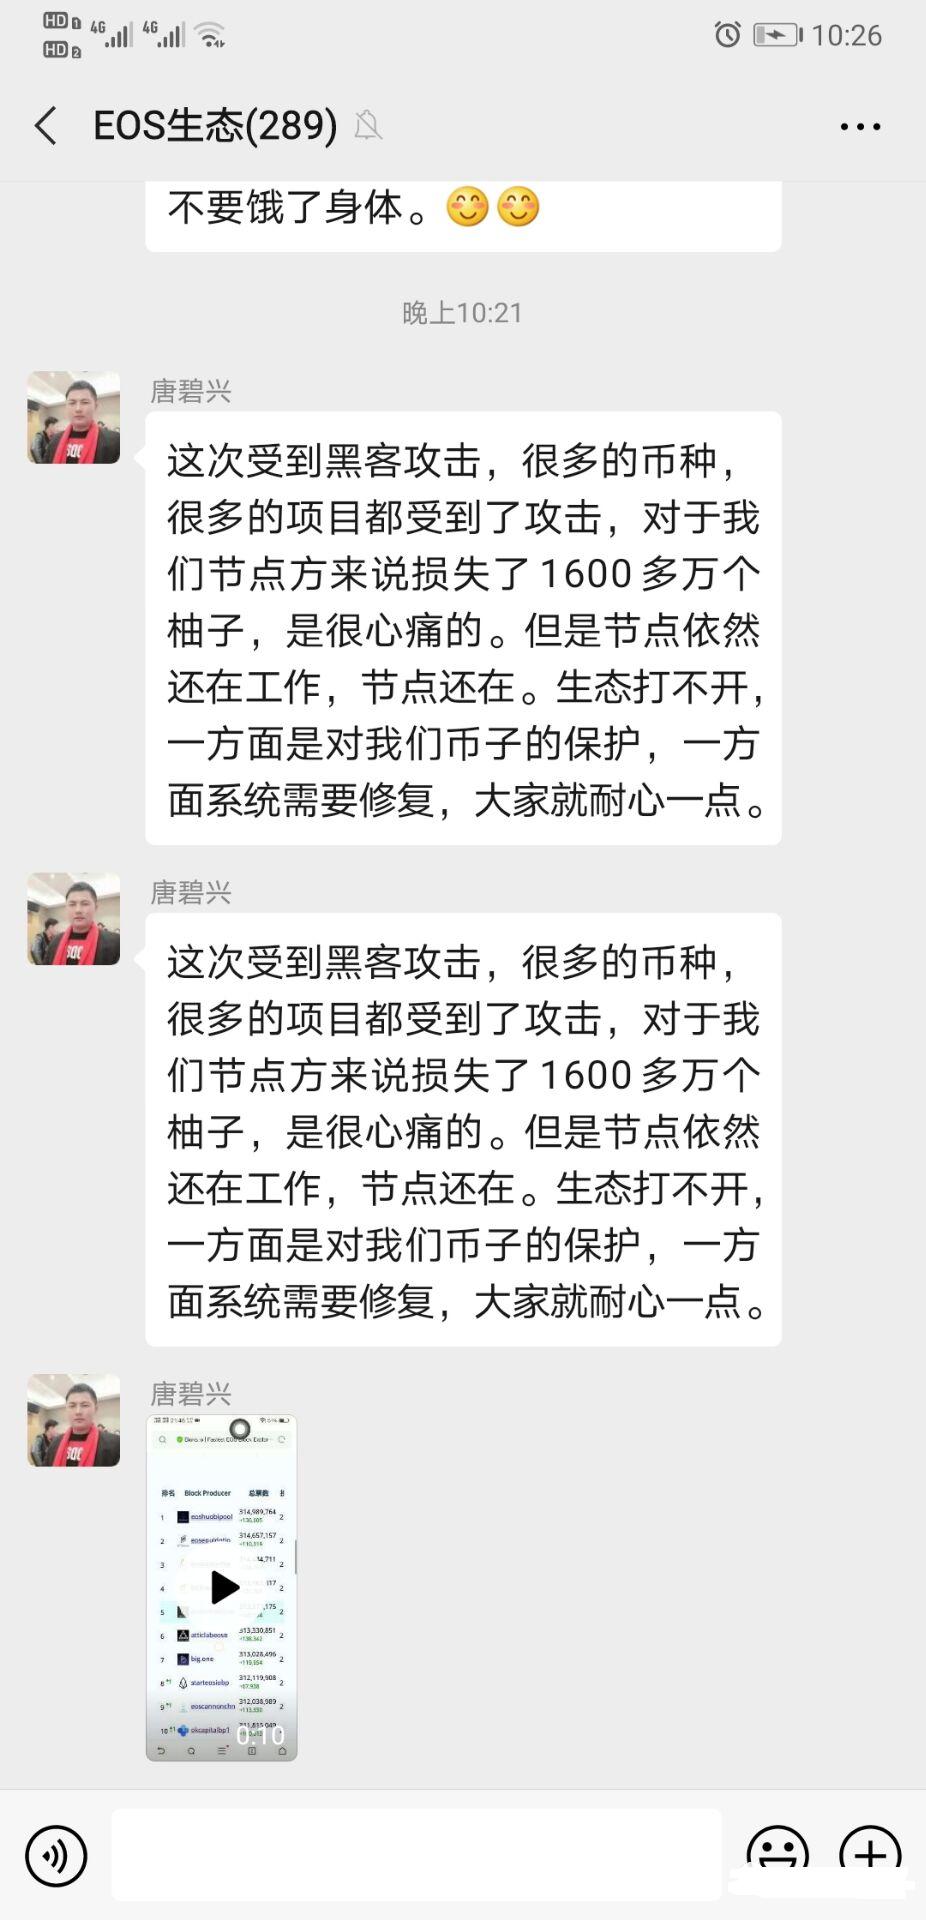 """【曝光】""""EOS生态""""操盘手称1600万个EOS全被盗走了,这几个操盘手认识吗!-第1张图片-曝光各种资金盘返利套现理财骗局_提供盘界快讯最新消息"""